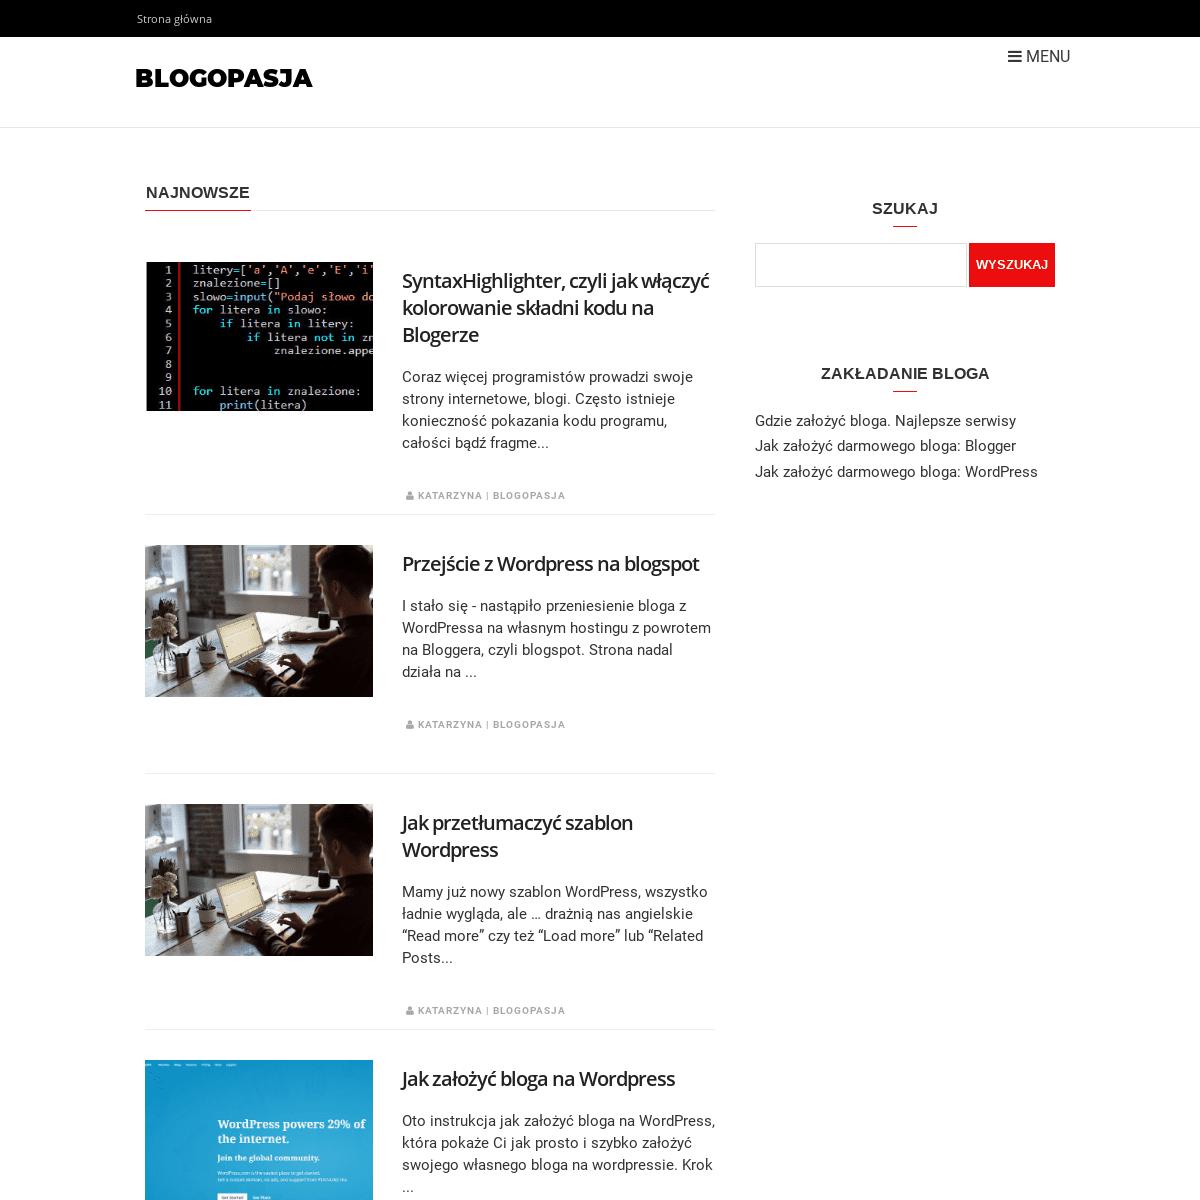 ArchiveBay.com - blogia.pl - Blogopasja- prowadzenie bloga, tutoriale, instrukcje krok po kroku